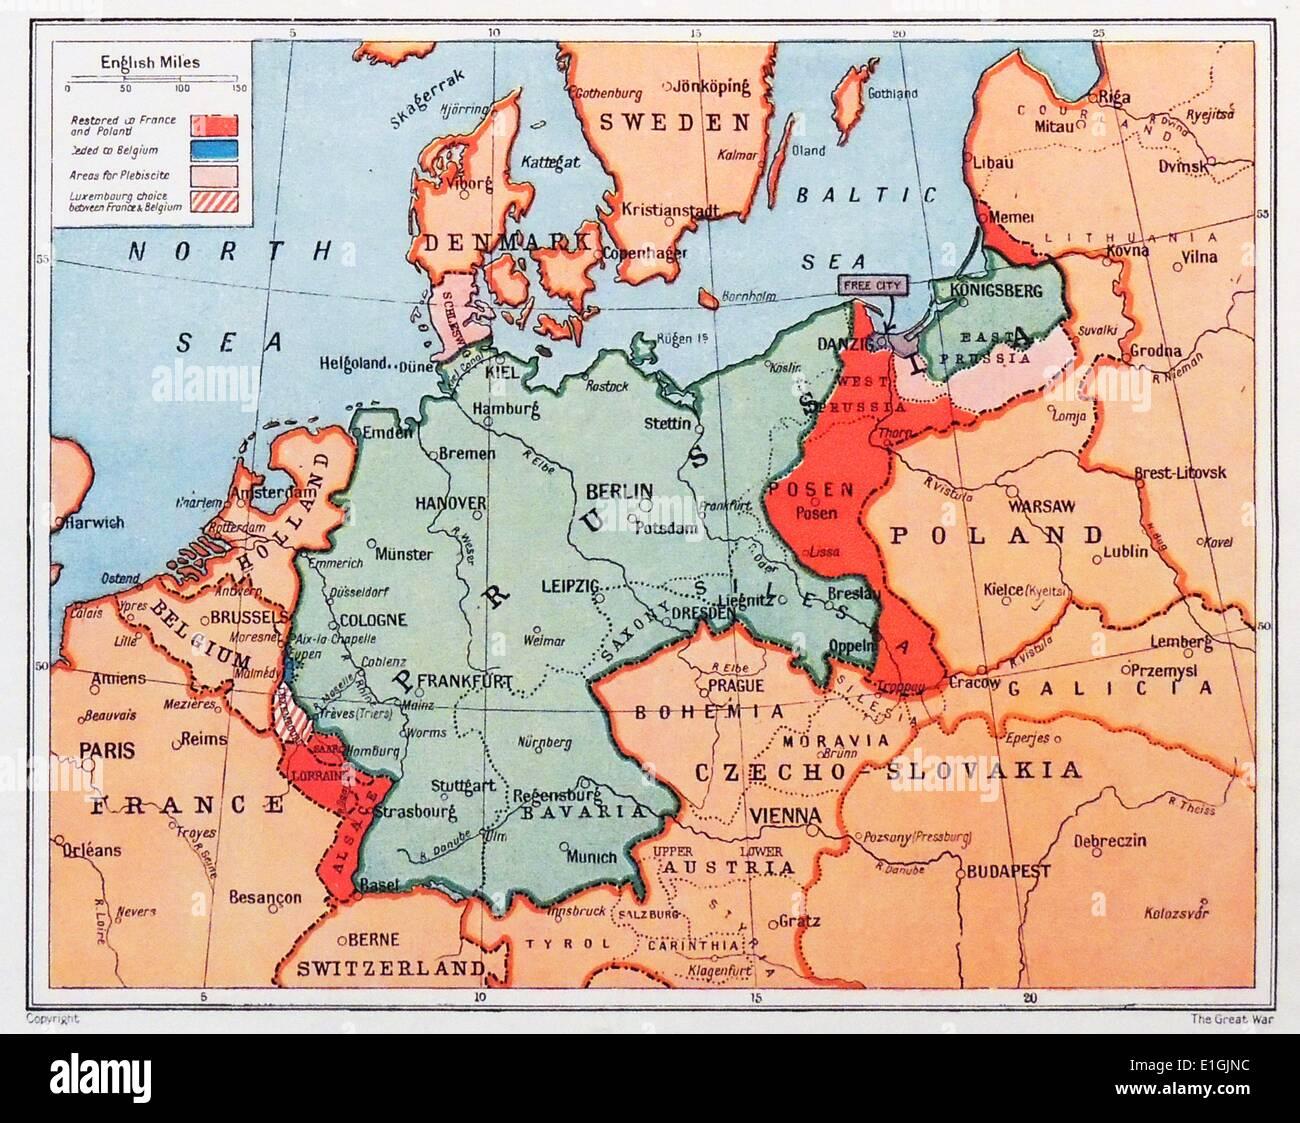 Germany Map Stockfotos & Germany Map Bilder - Alamy